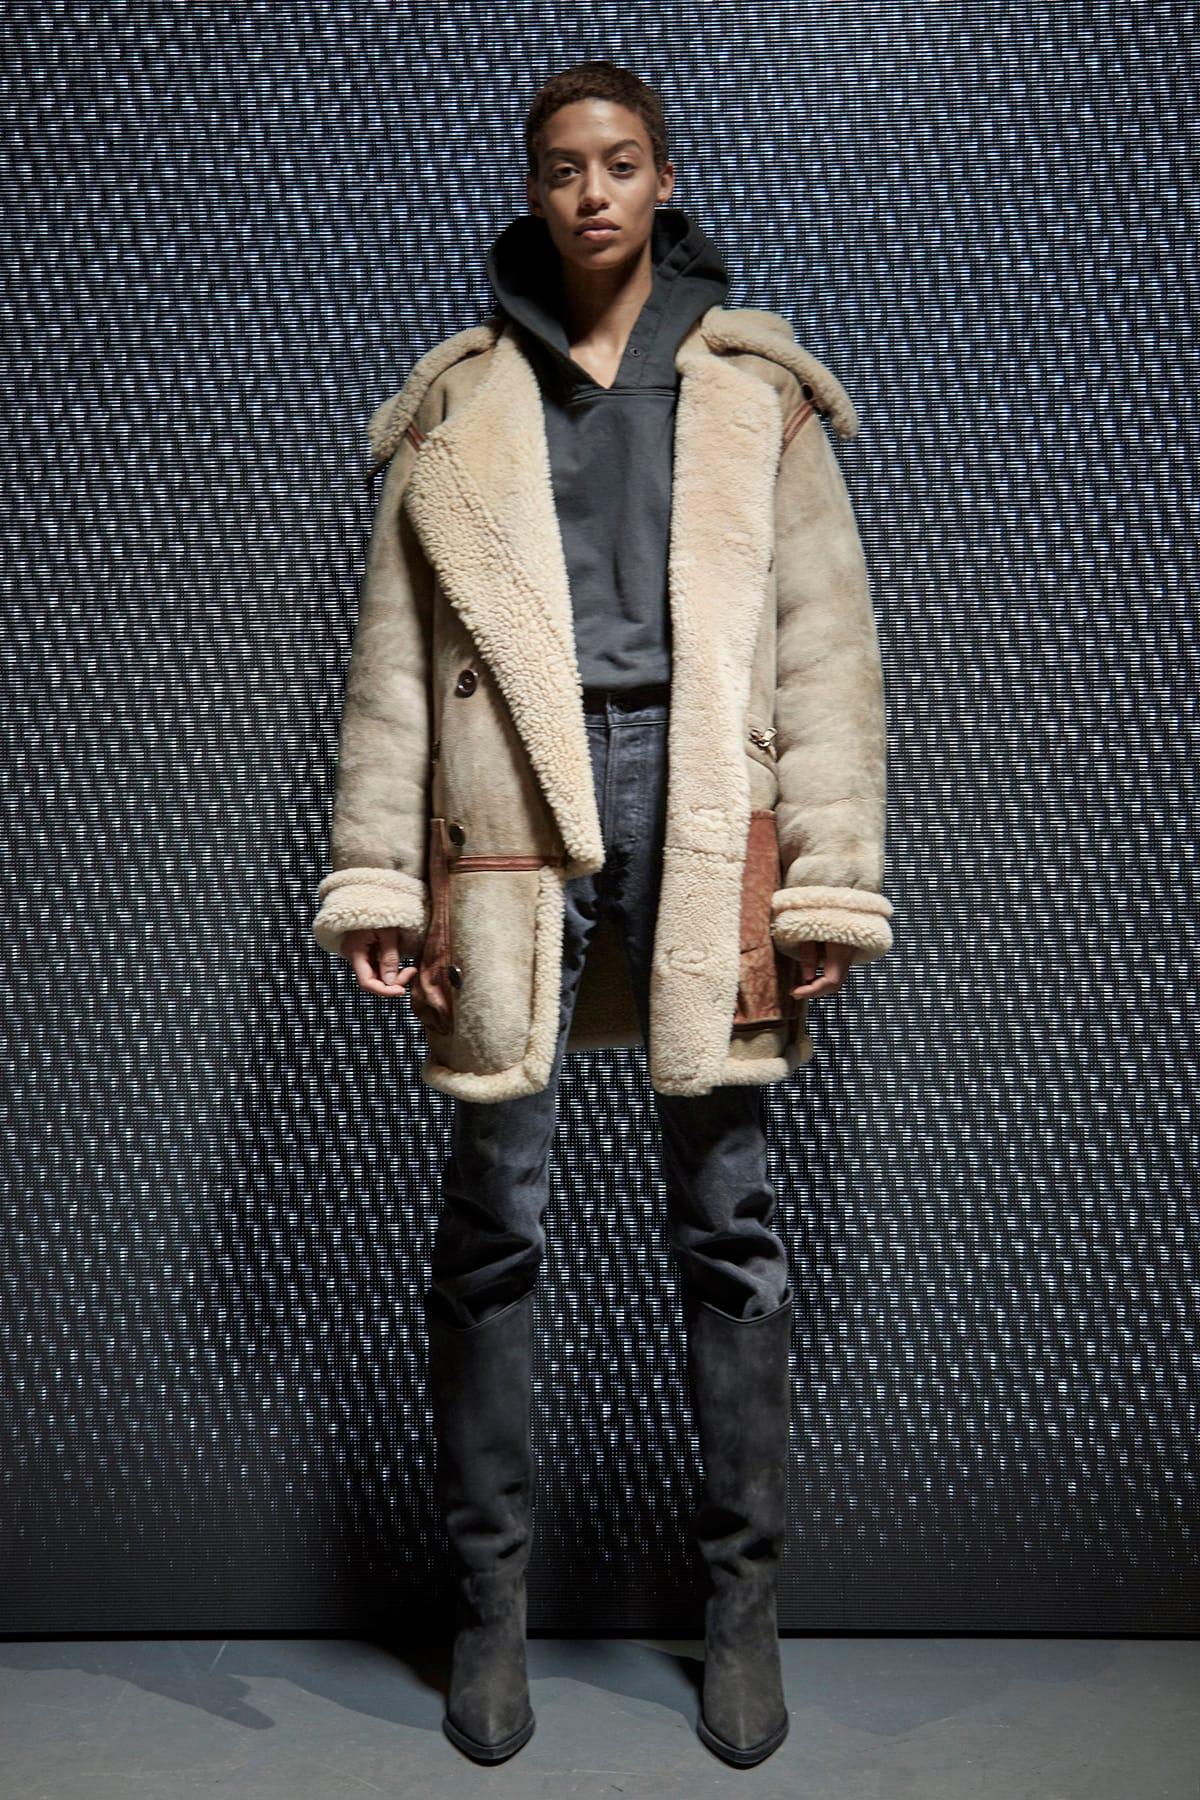 Kanye West YEEZY SEASON 5 Full